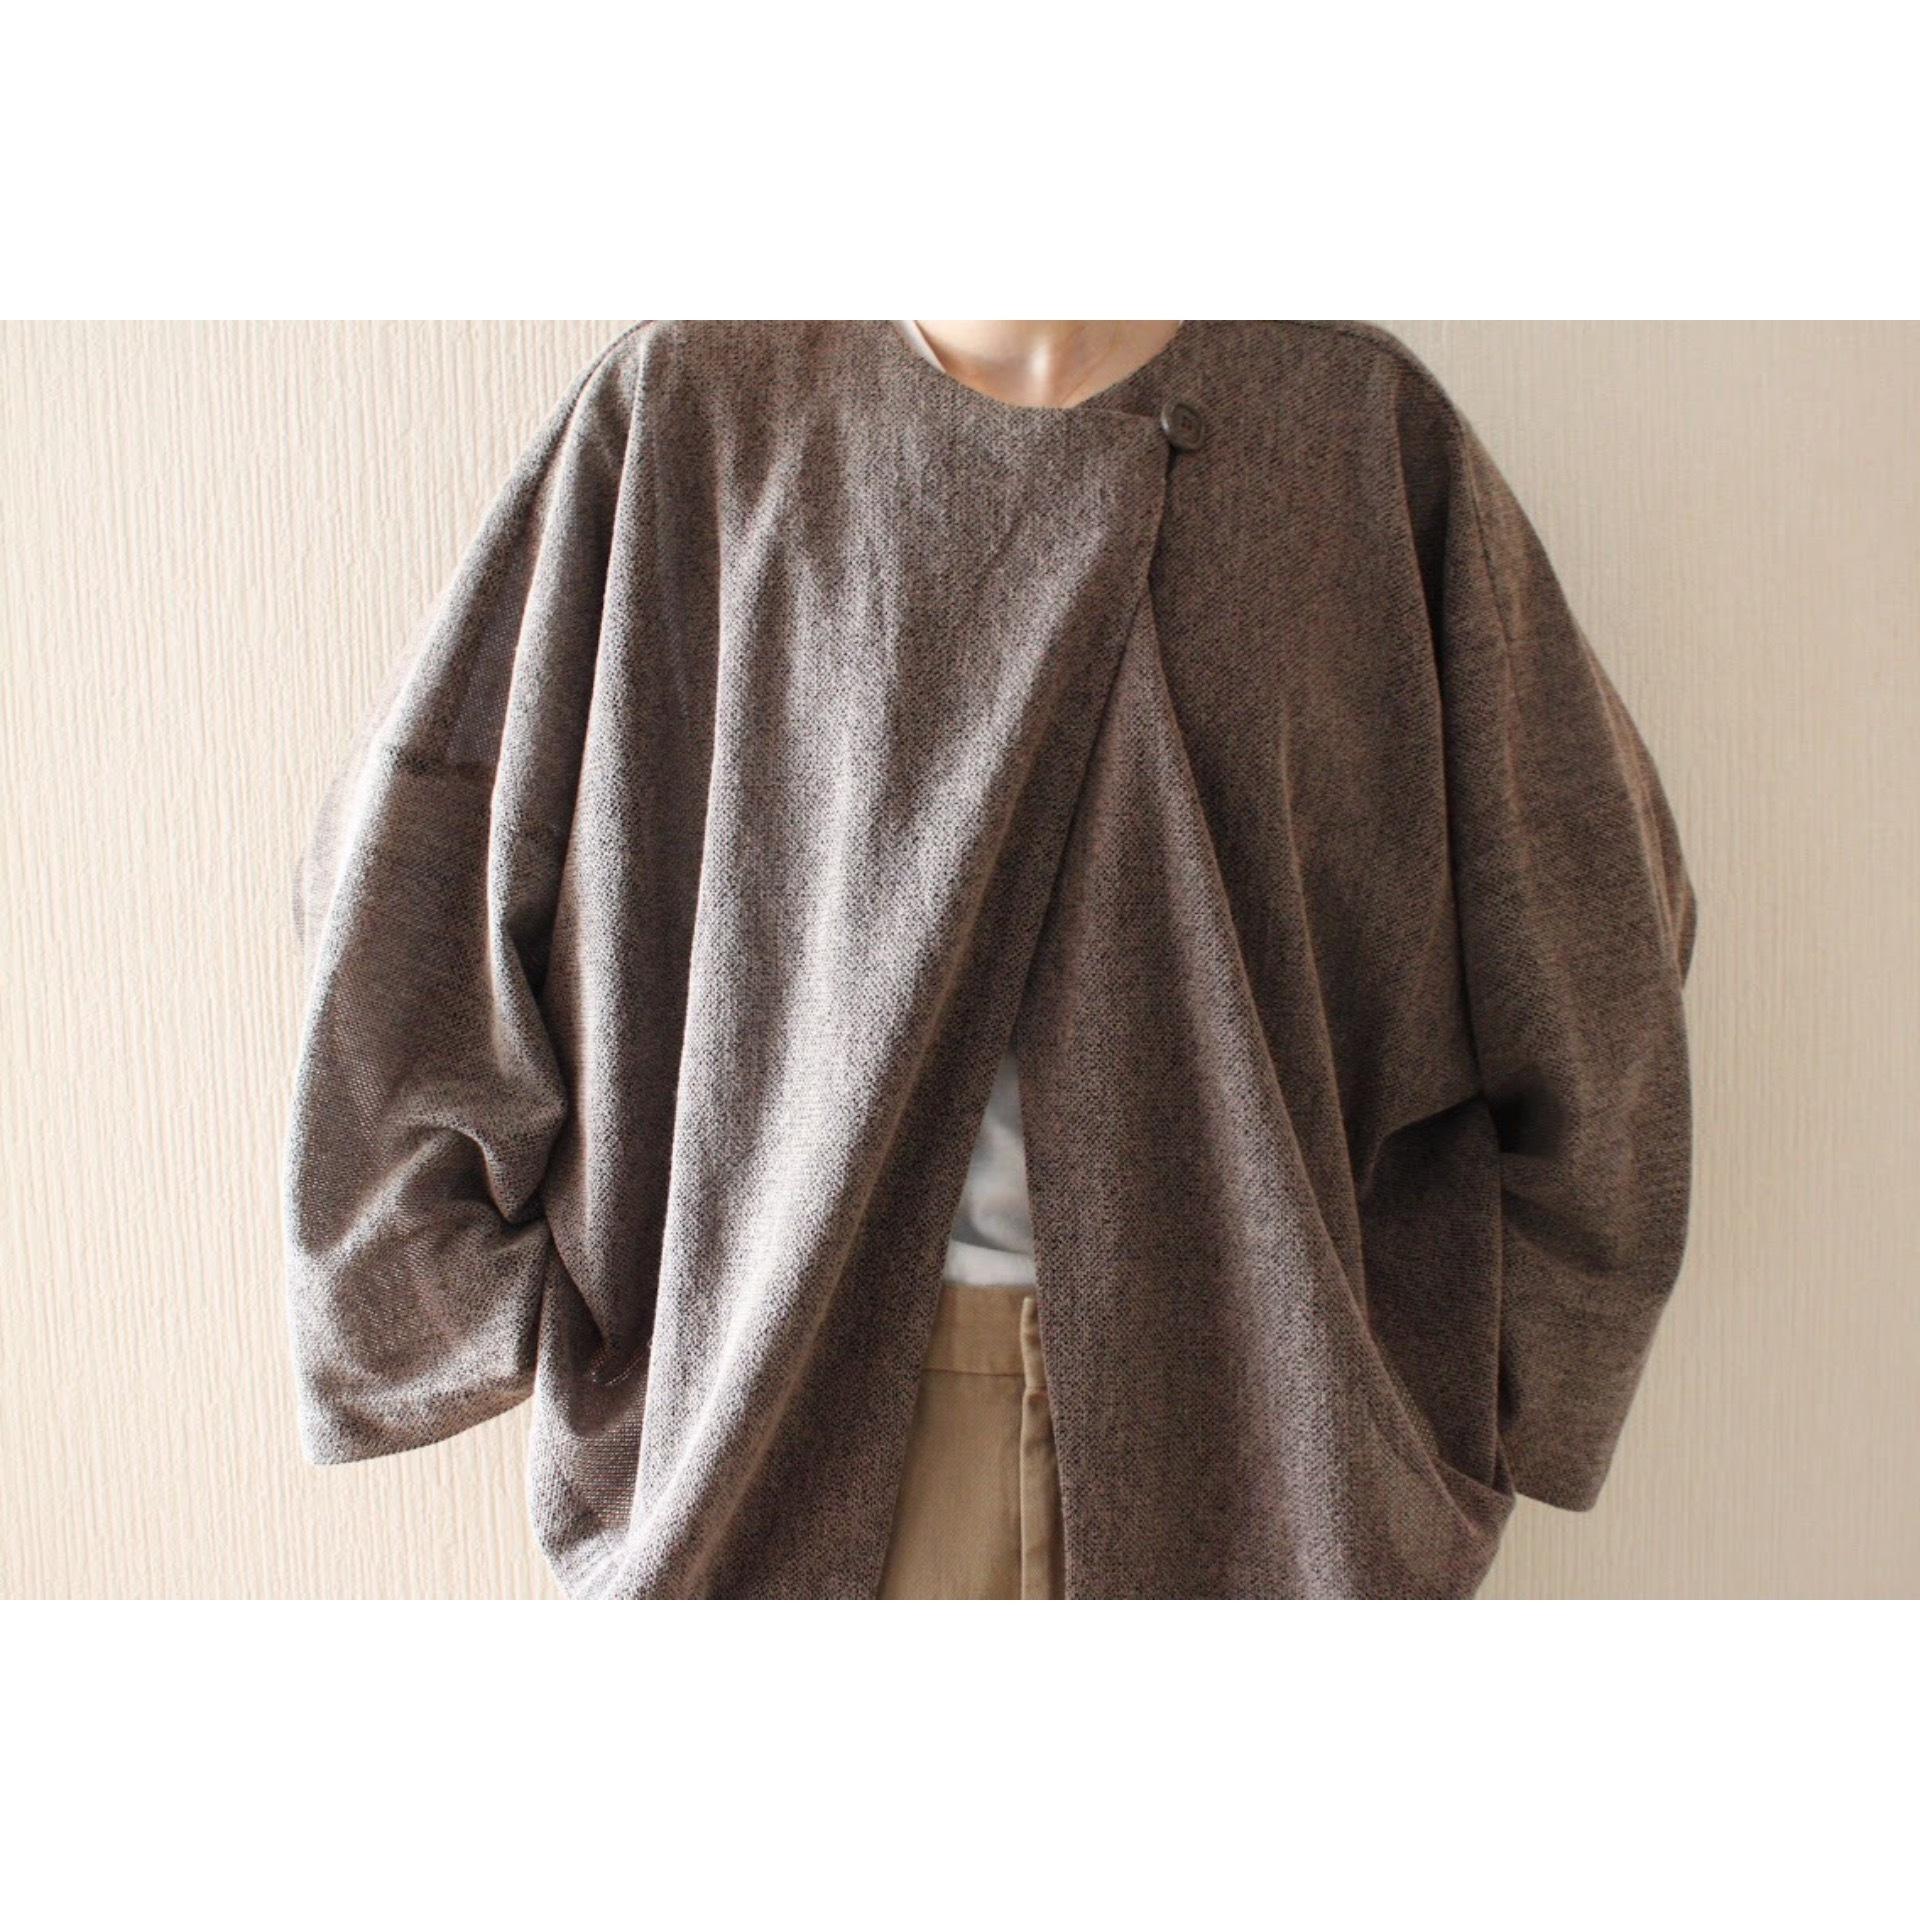 Vintage drape jacket